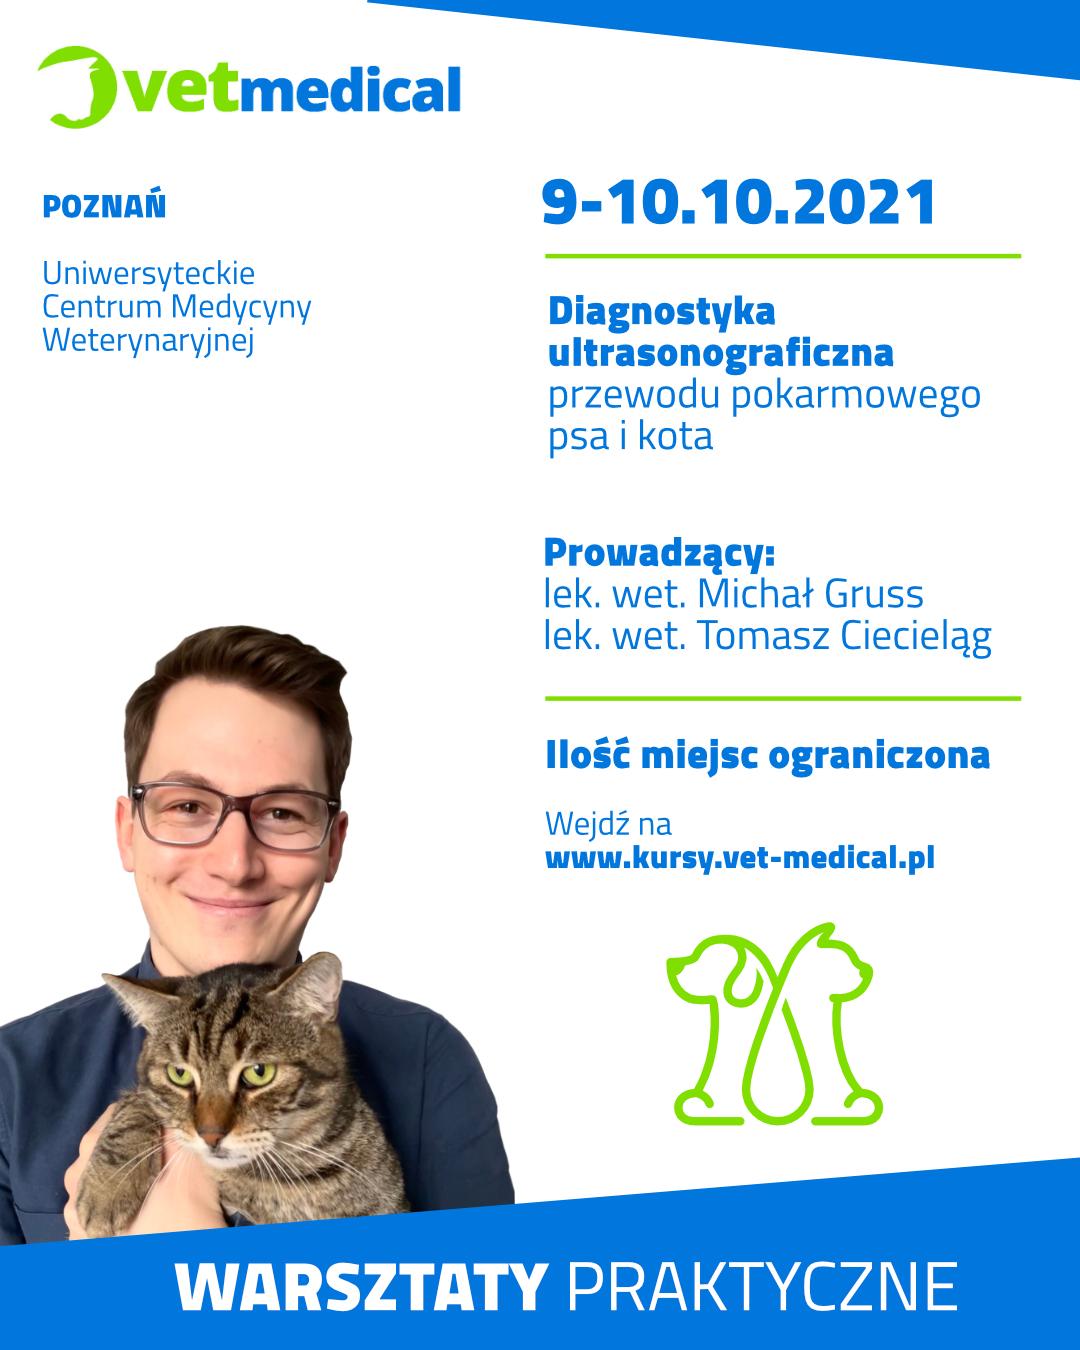 Poznań 9-10.10.2021 – Diagnostyka ultrasonograficzna przewodu pokarmowego psa i kota